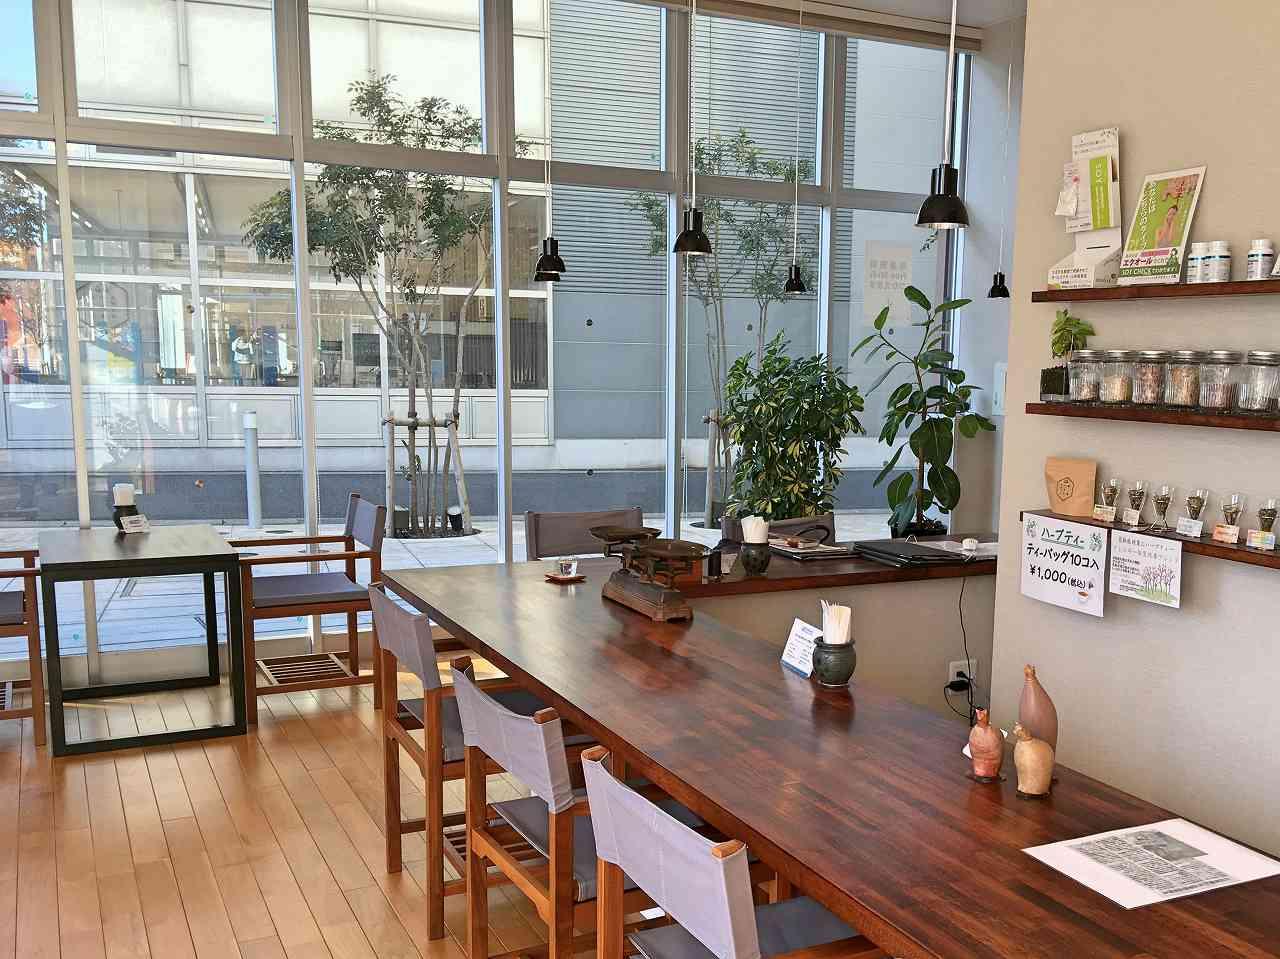 薬局にオープンのカフェ「ハカラメディコ」で、薬膳カレーや玄米粥のランチを(流山)